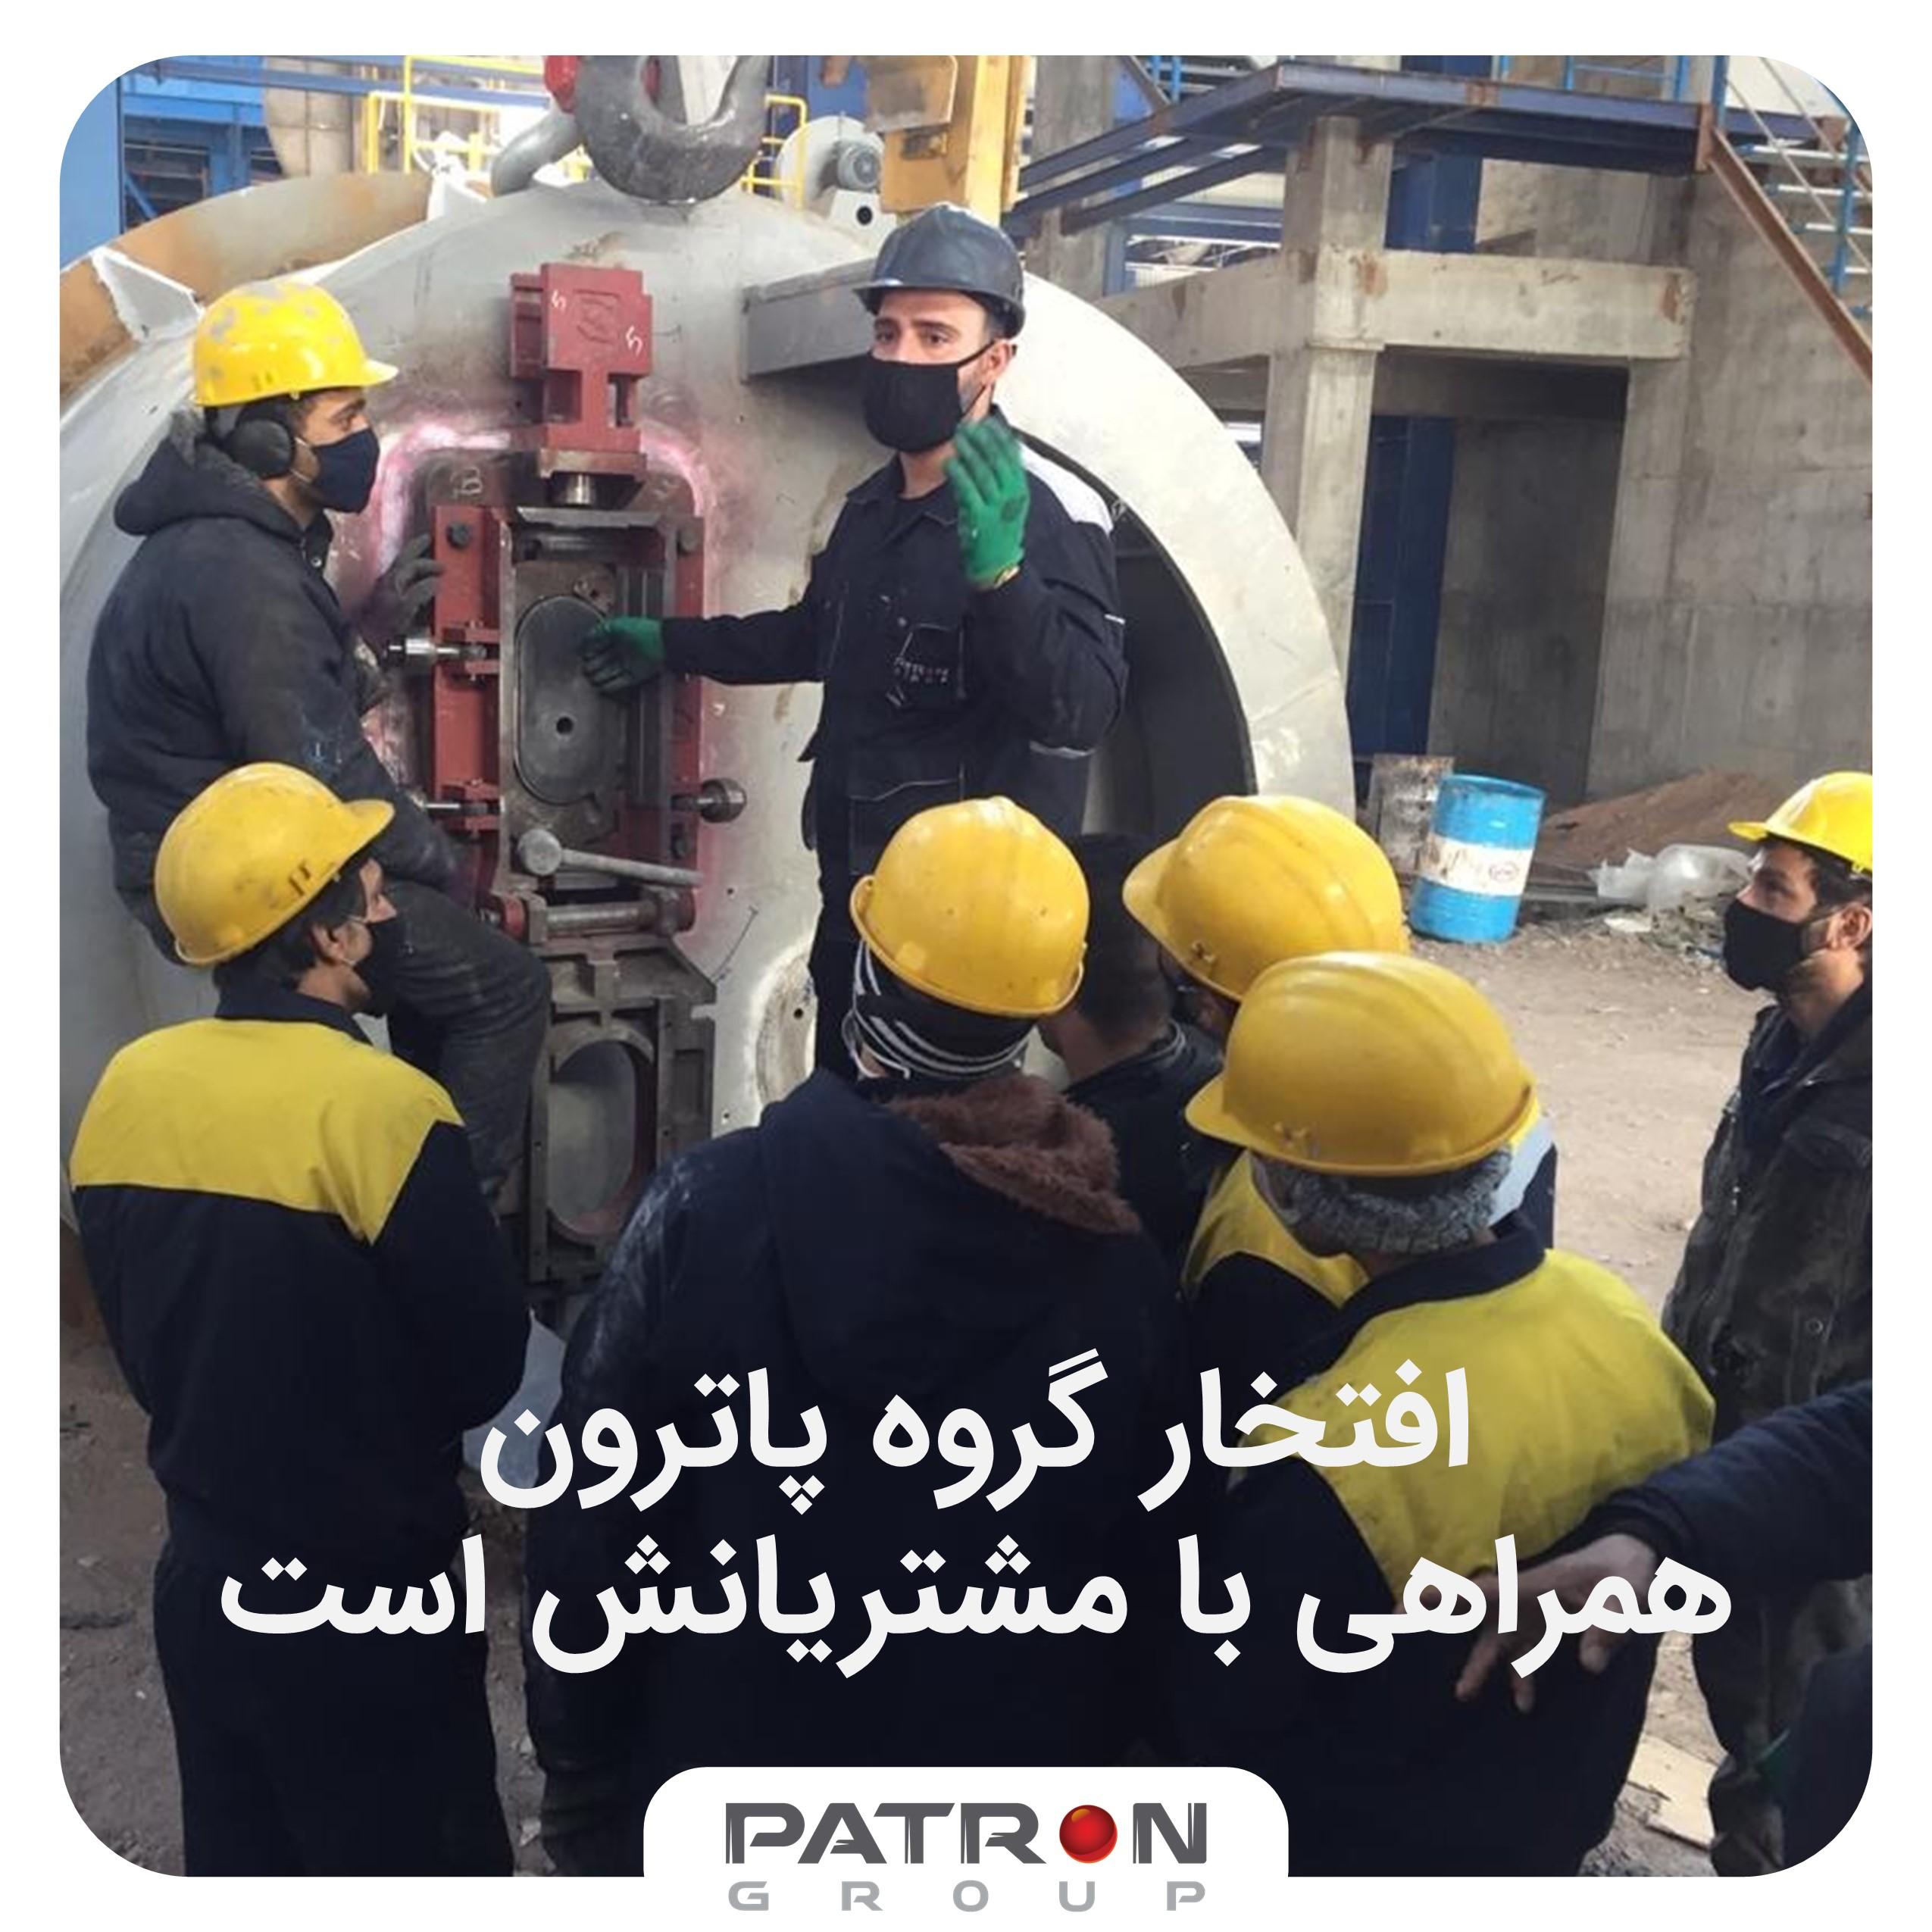 افتخار گروه پاترون، همراهی با مشتریانش است